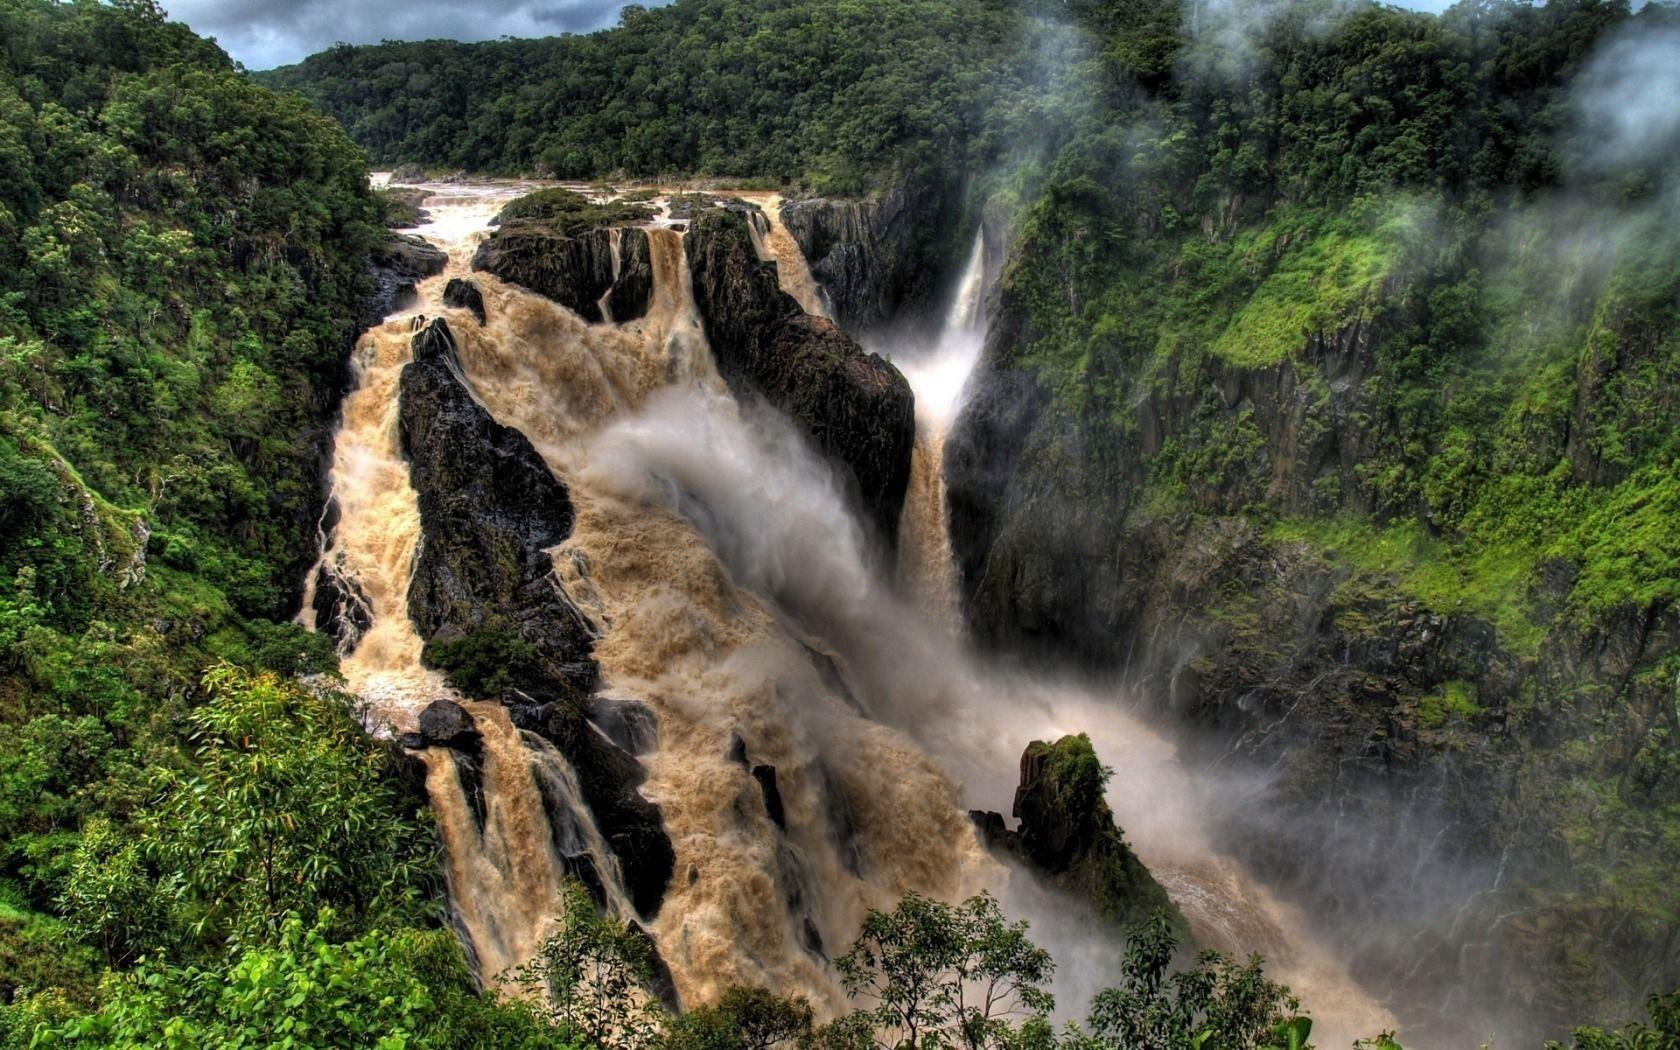 chuttes-eau_fonds-ecran-gratuits_paysage_4